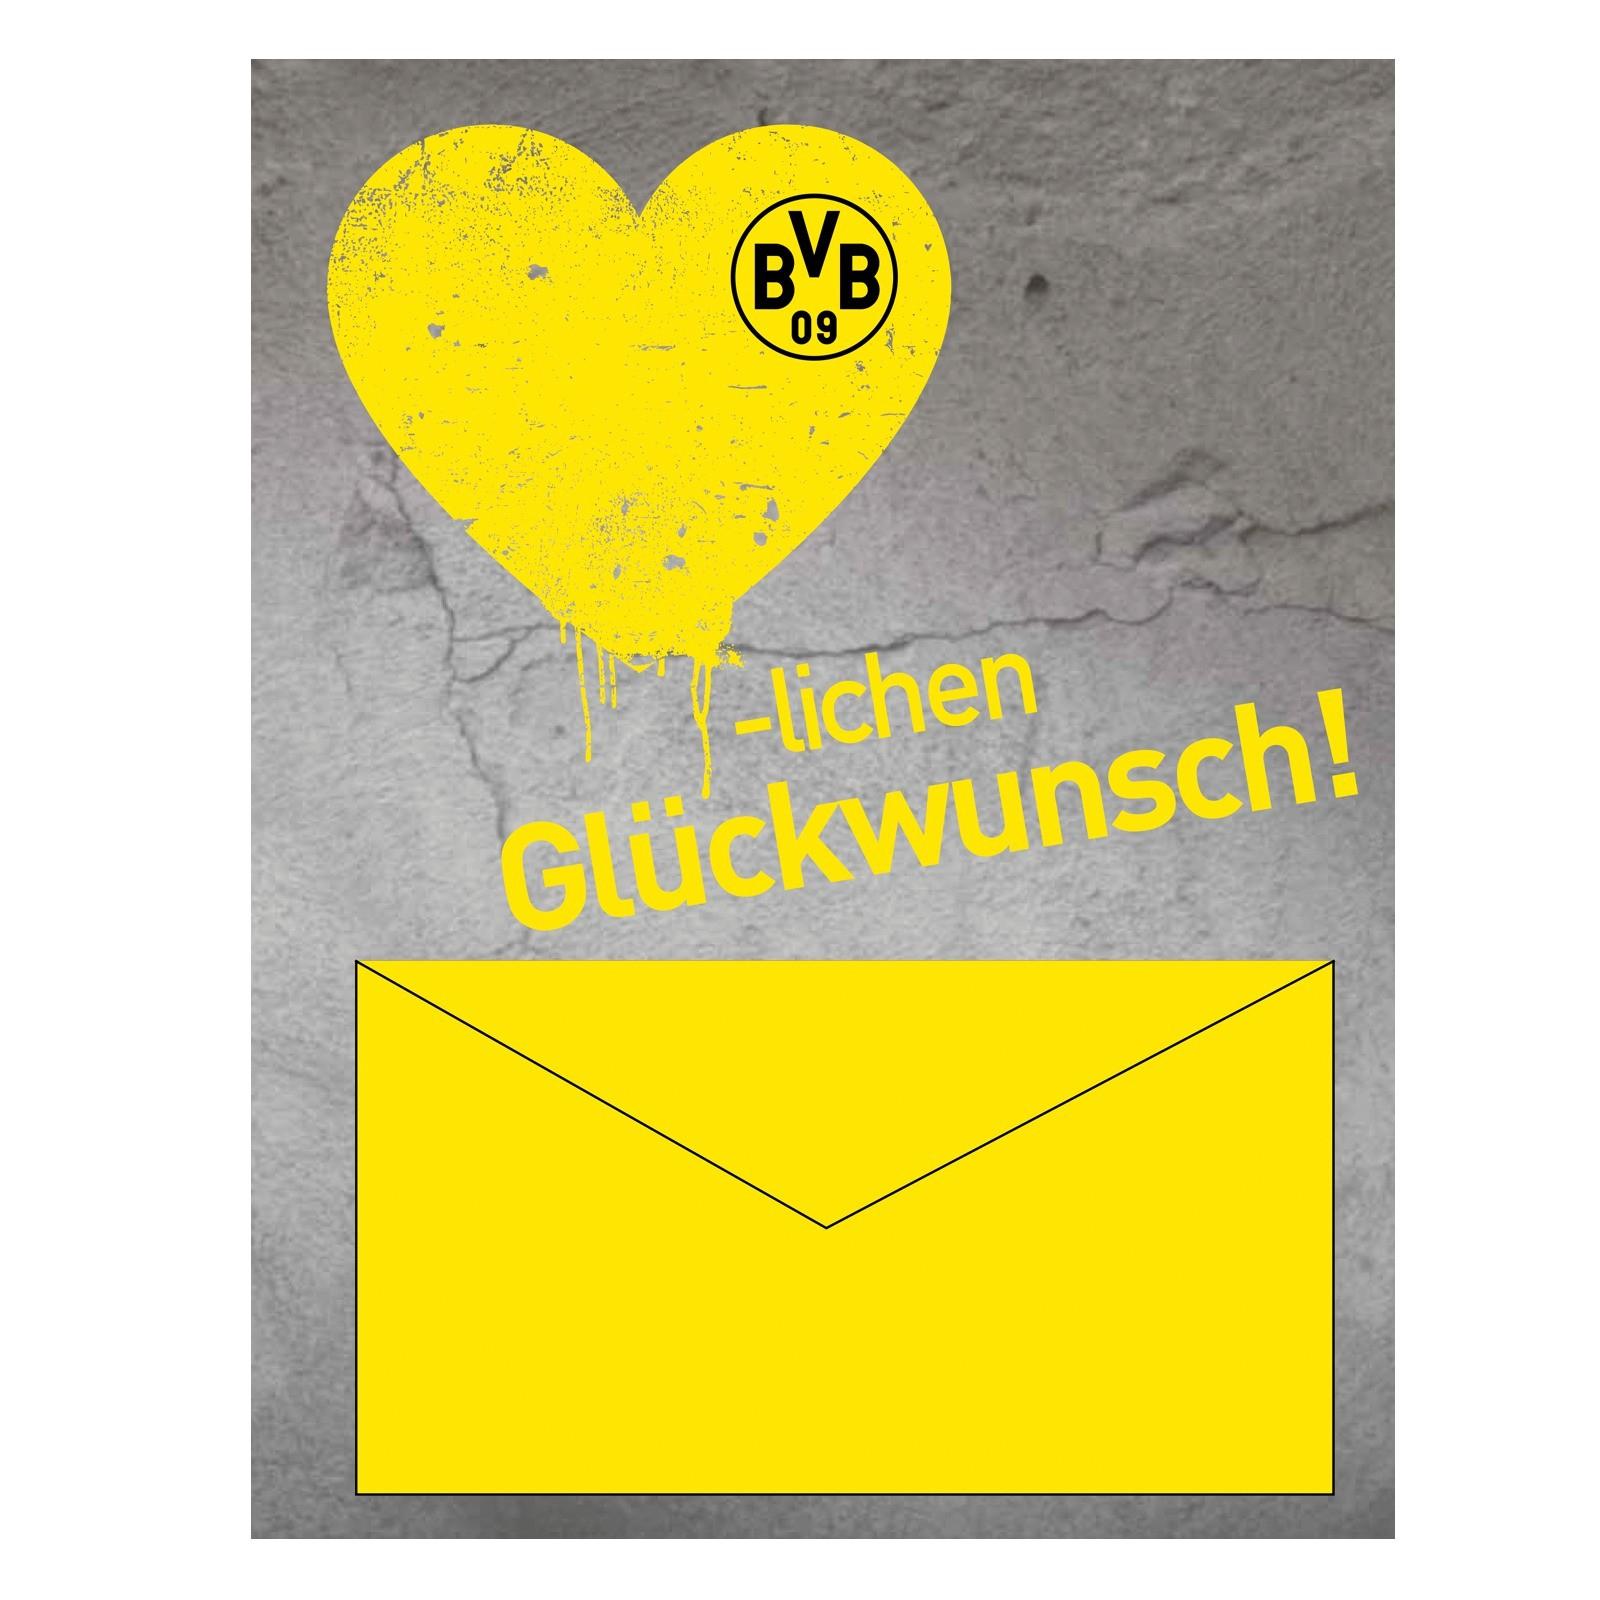 Borussia Dortmund Geldscheinkarte, Glückwunschkarte innen Bvb Geburtstagskarte